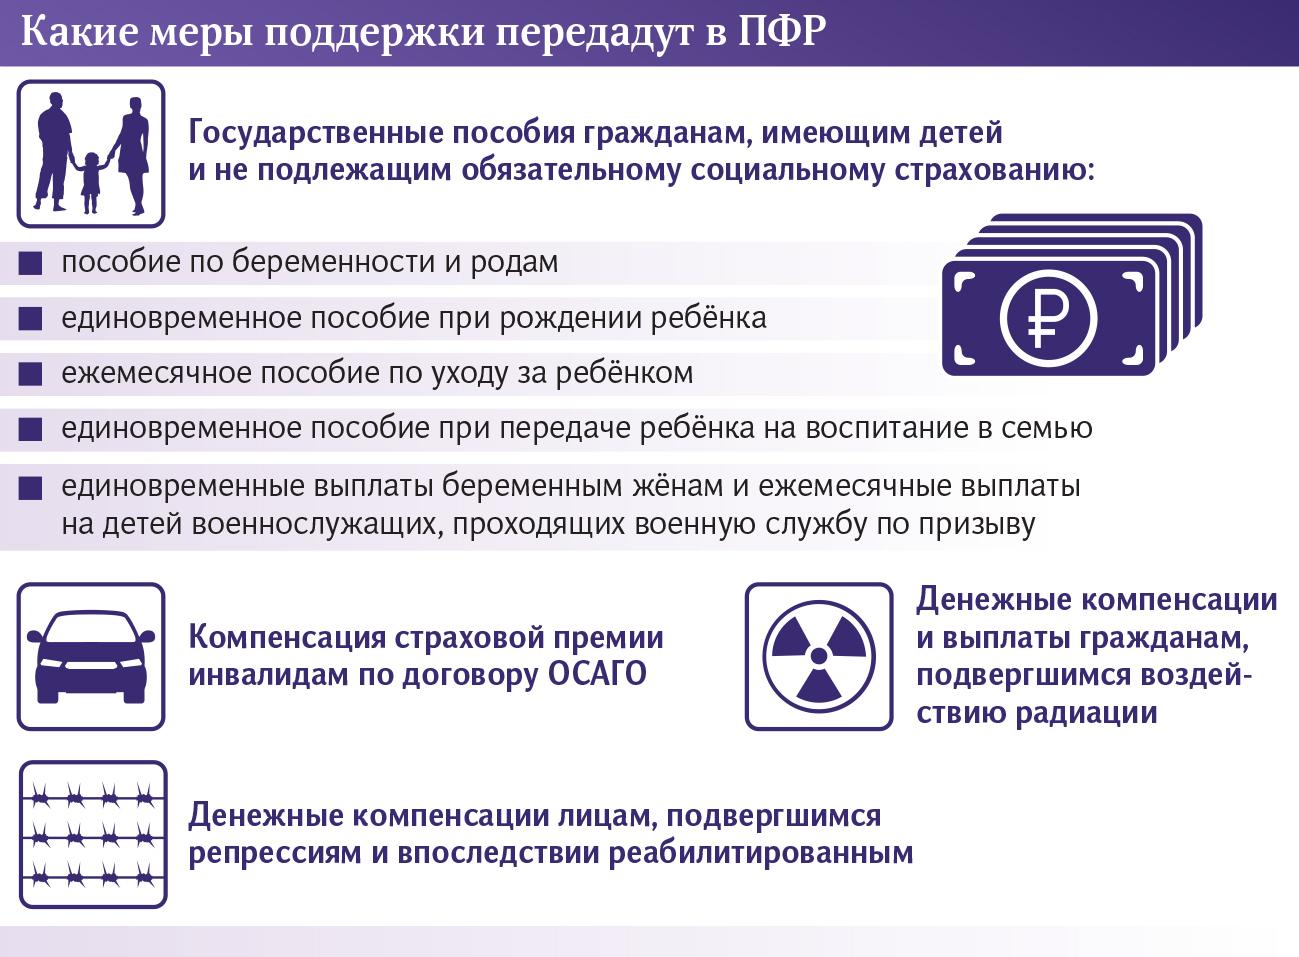 https://cdn.iz.ru/sites/default/files/inline/%D0%BF%D0%BE%D1%81%D0%BE%D0%B1%D0%B8%D1%8F.jpg